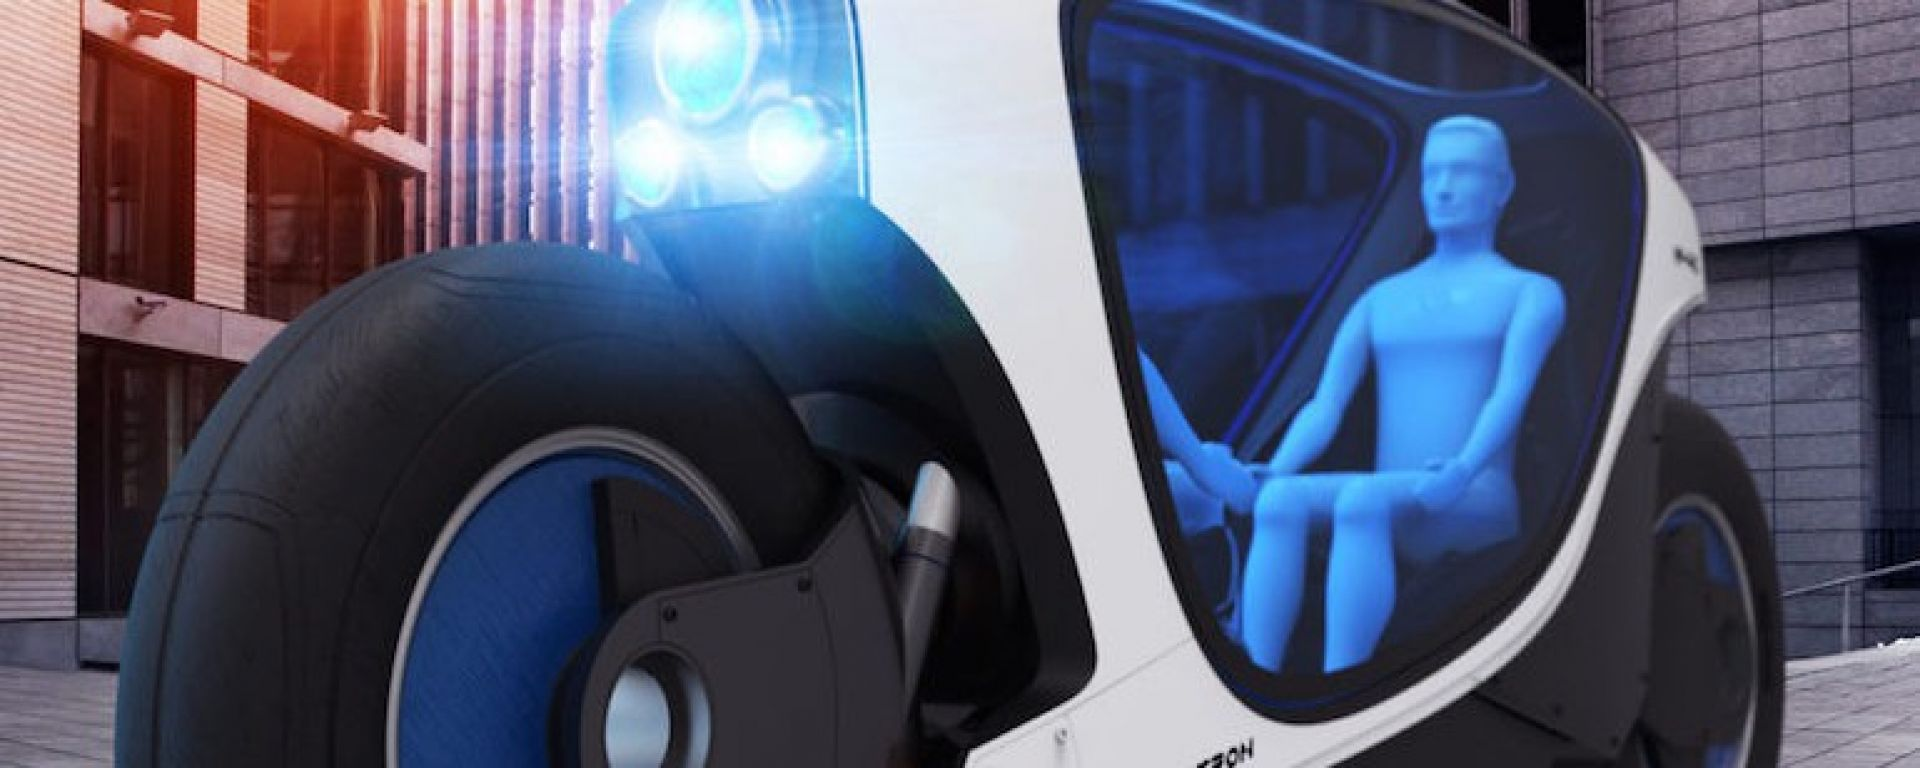 Moto a guida autonoma